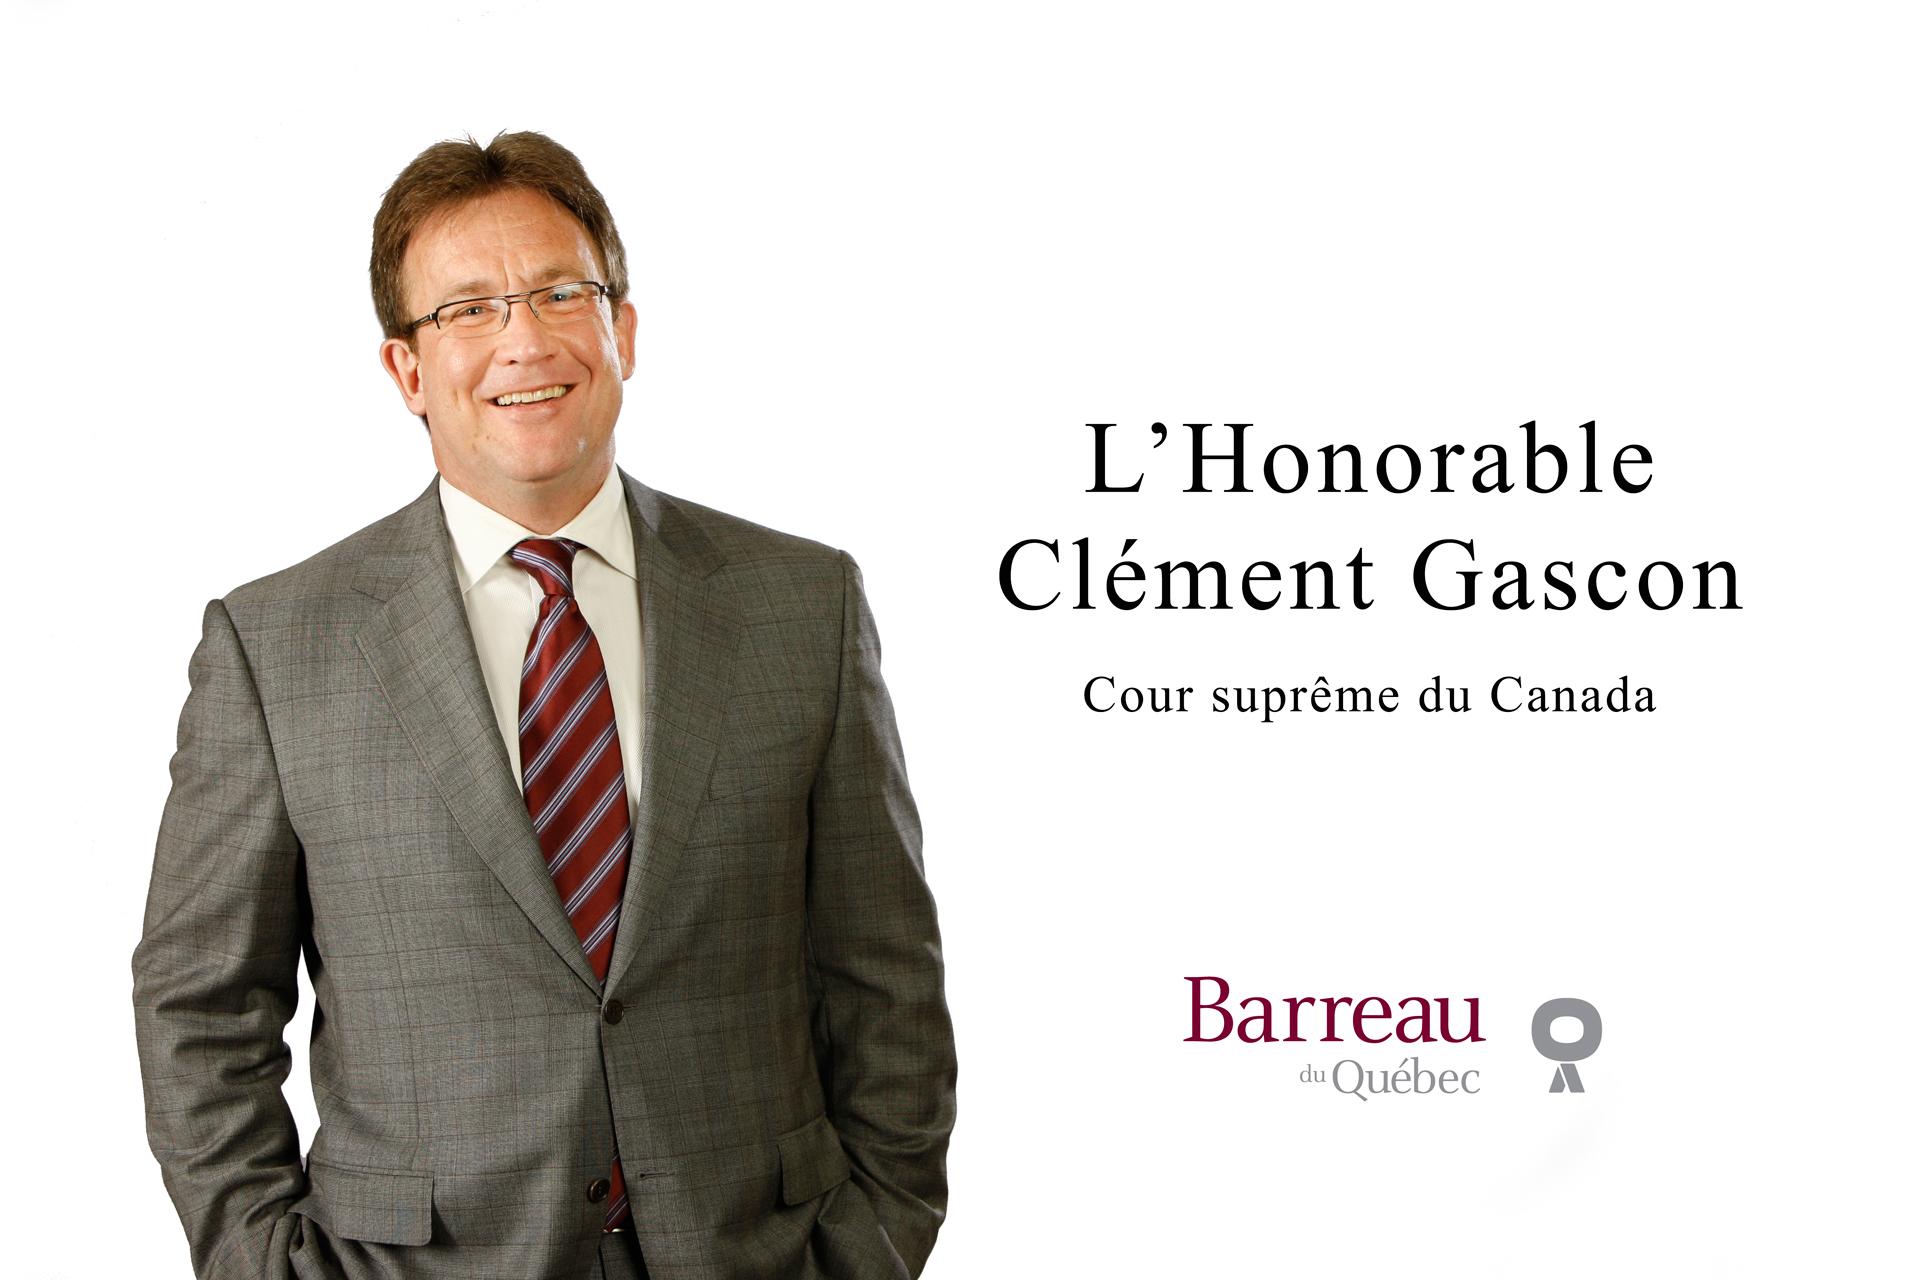 Juge Clément Gascon